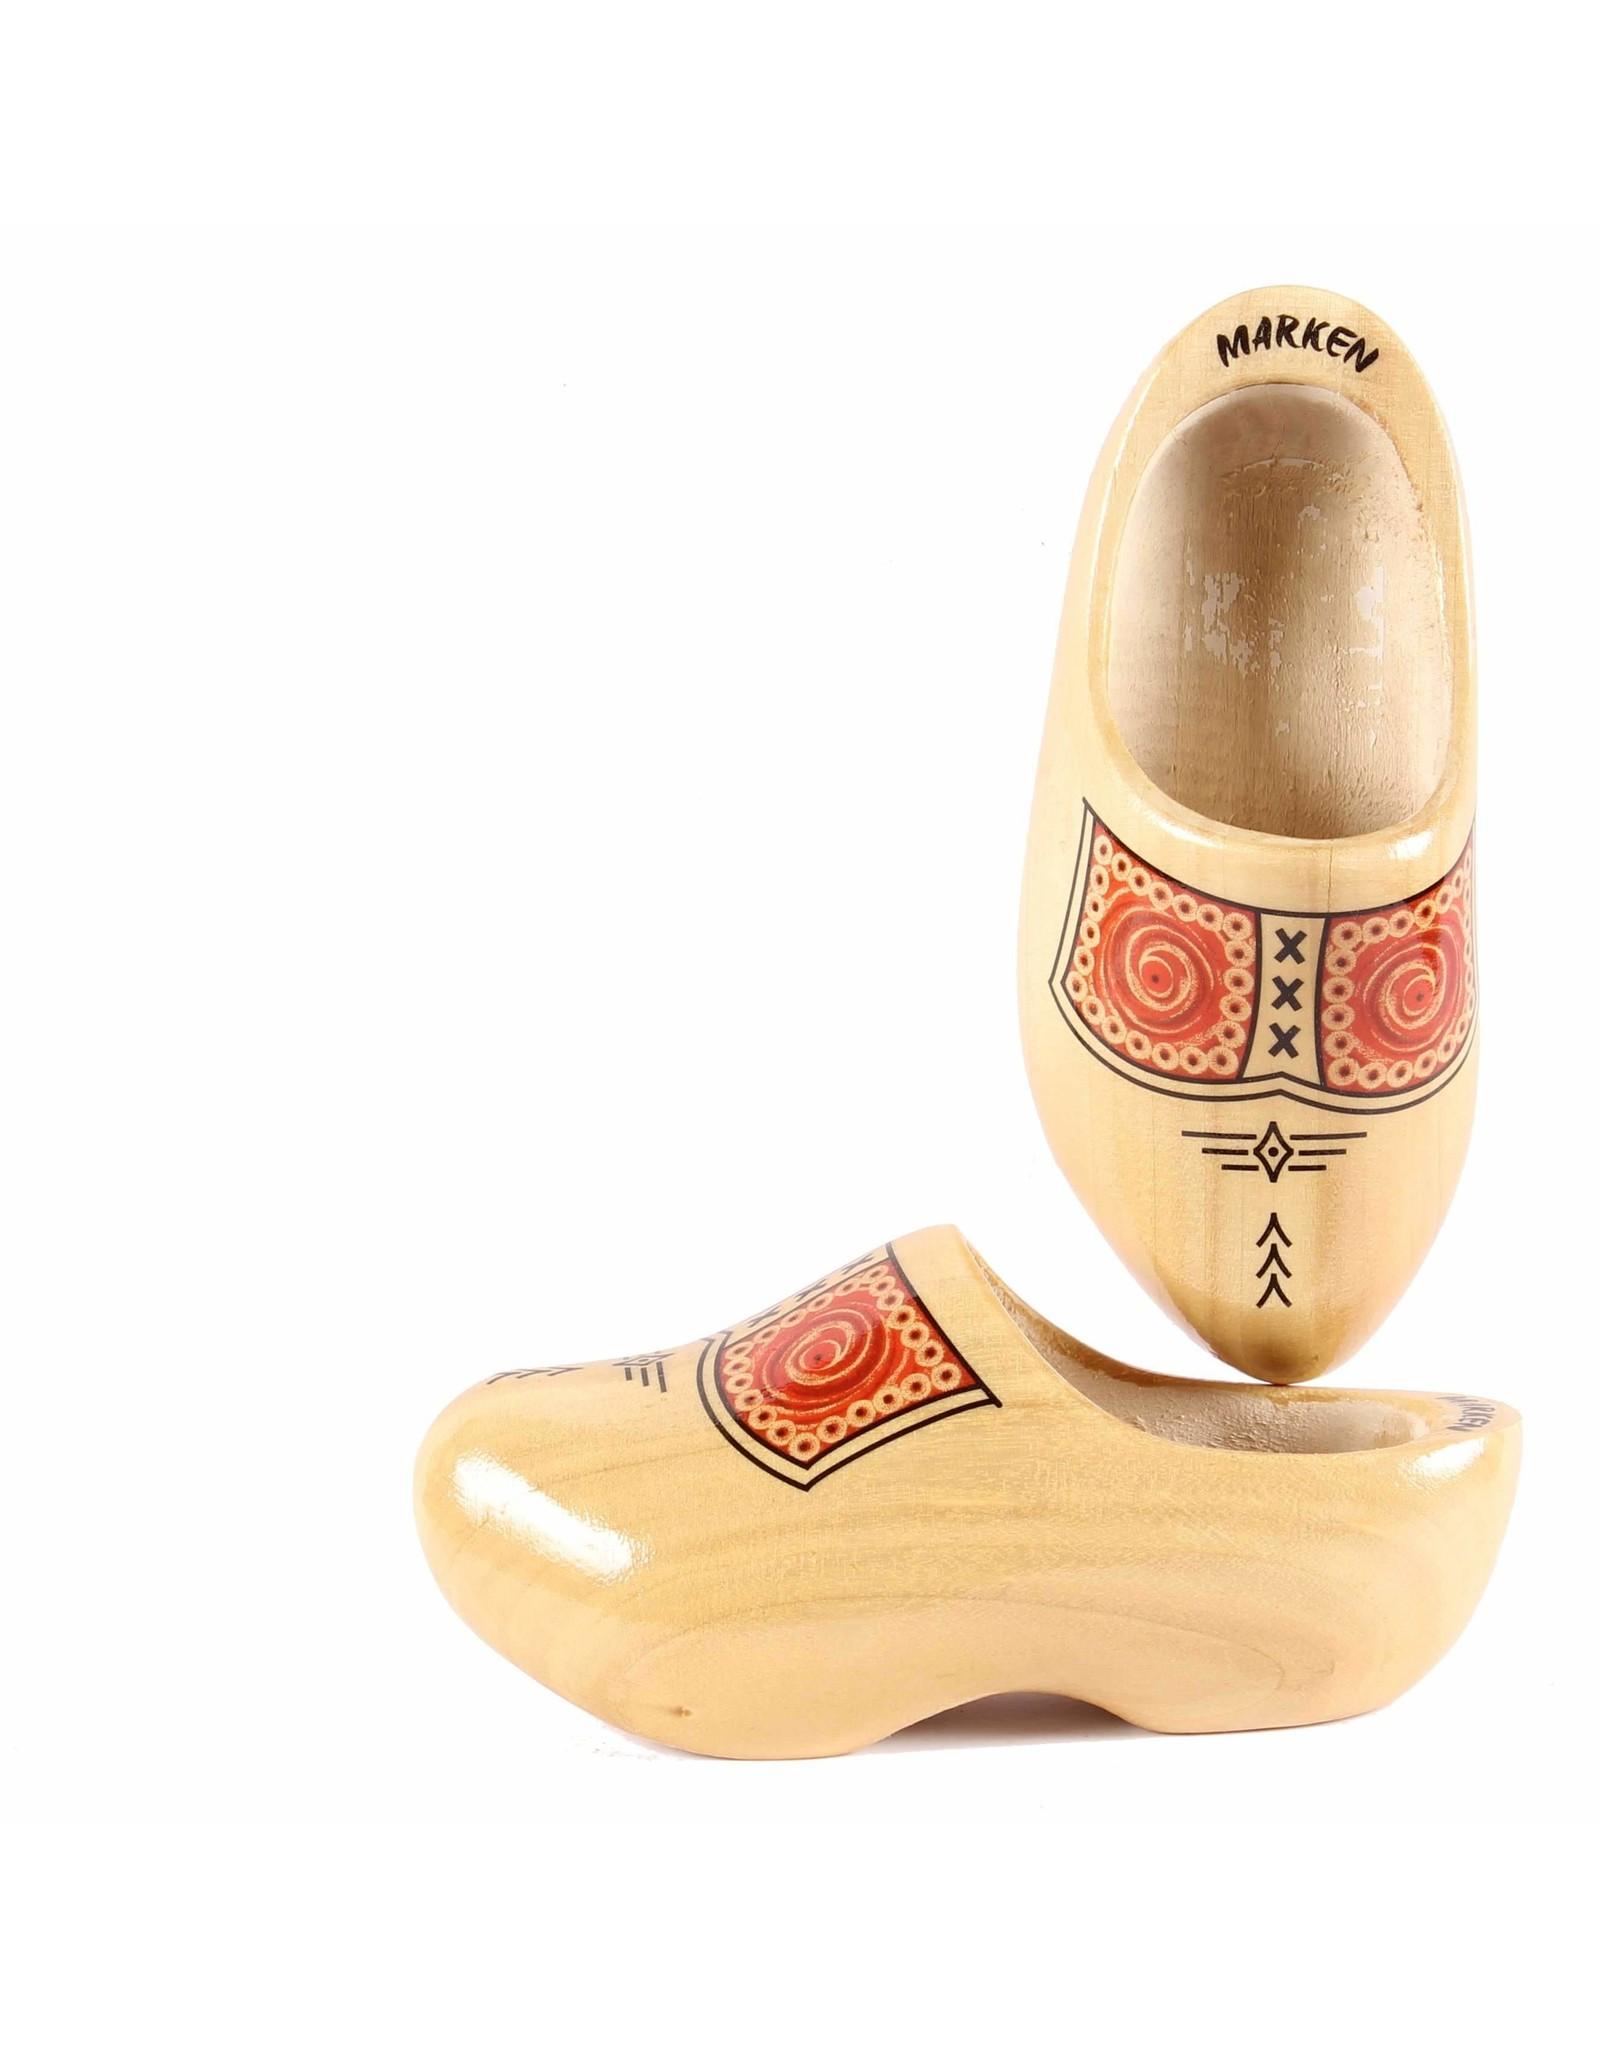 Wooden Shoe Factory Marken Klompen, Traditioneel Boeren Design